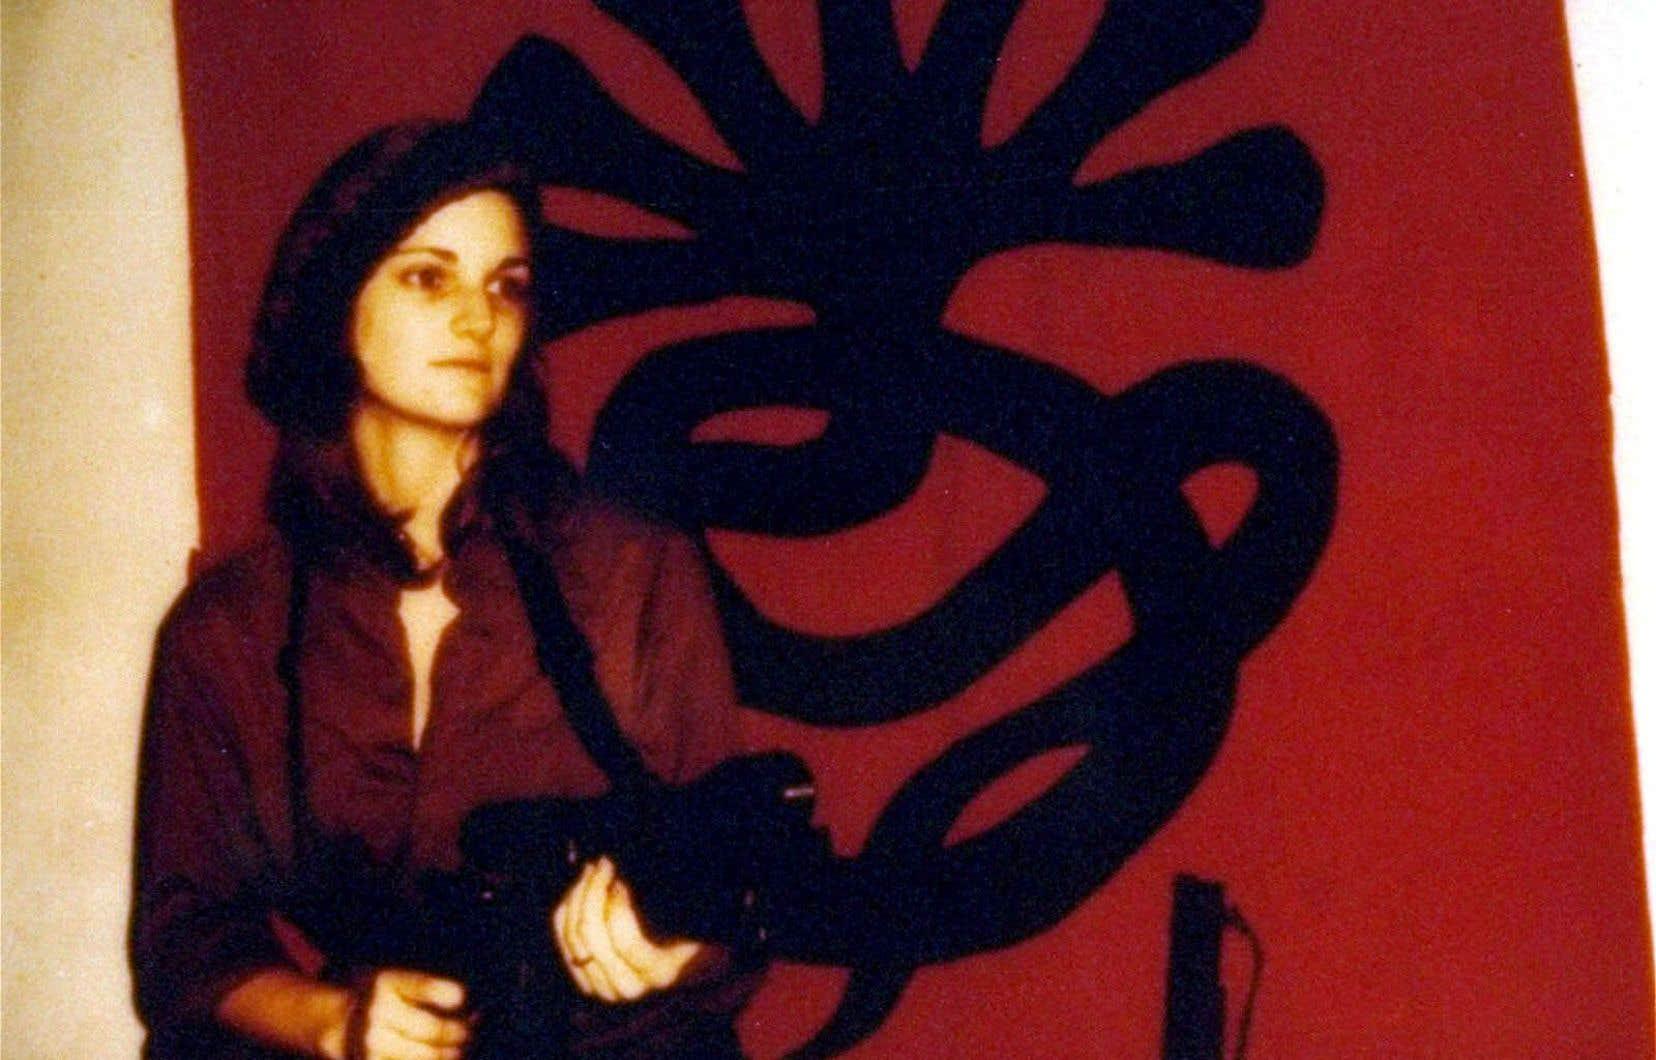 Patricia Hearst avait adhéré à l'idéologie marxiste de ses ravisseurs.